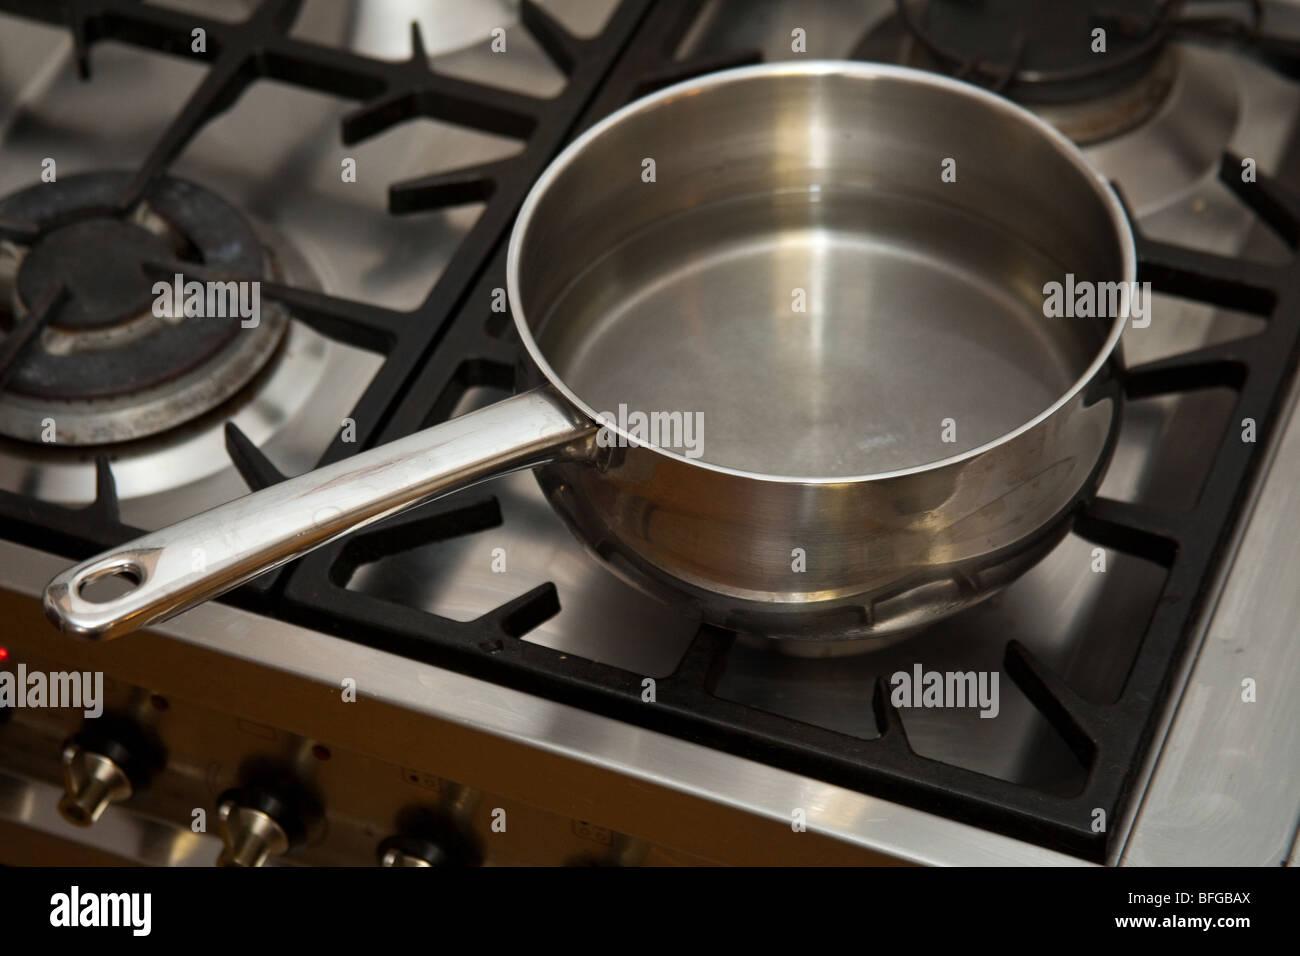 Topf Mit Wasser Kochen Auf Einem Gasherd Stockfoto Bild 26790370